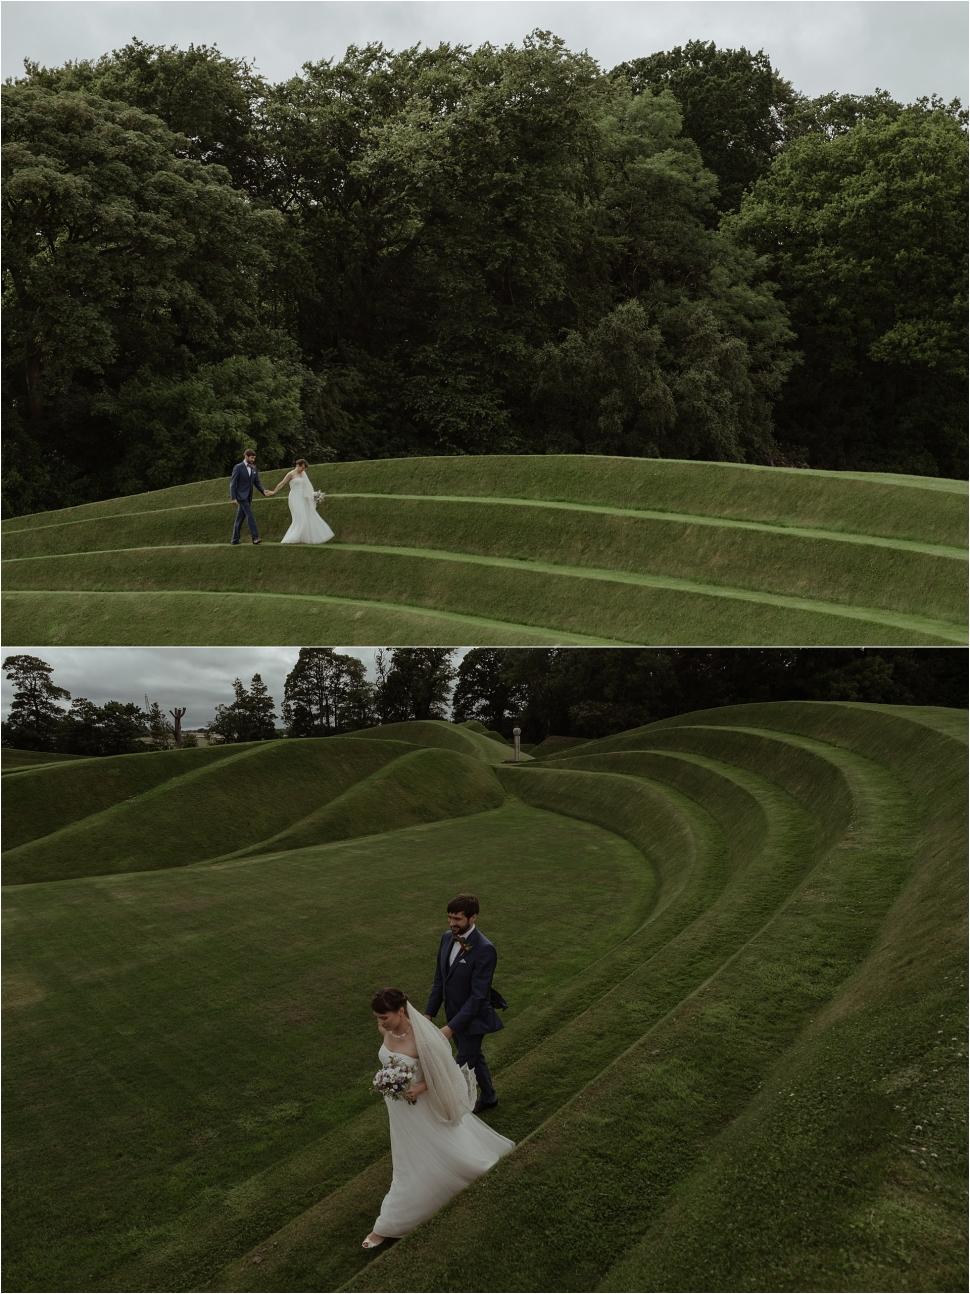 wedding-jupiter-artland wedding photographers edinburgh